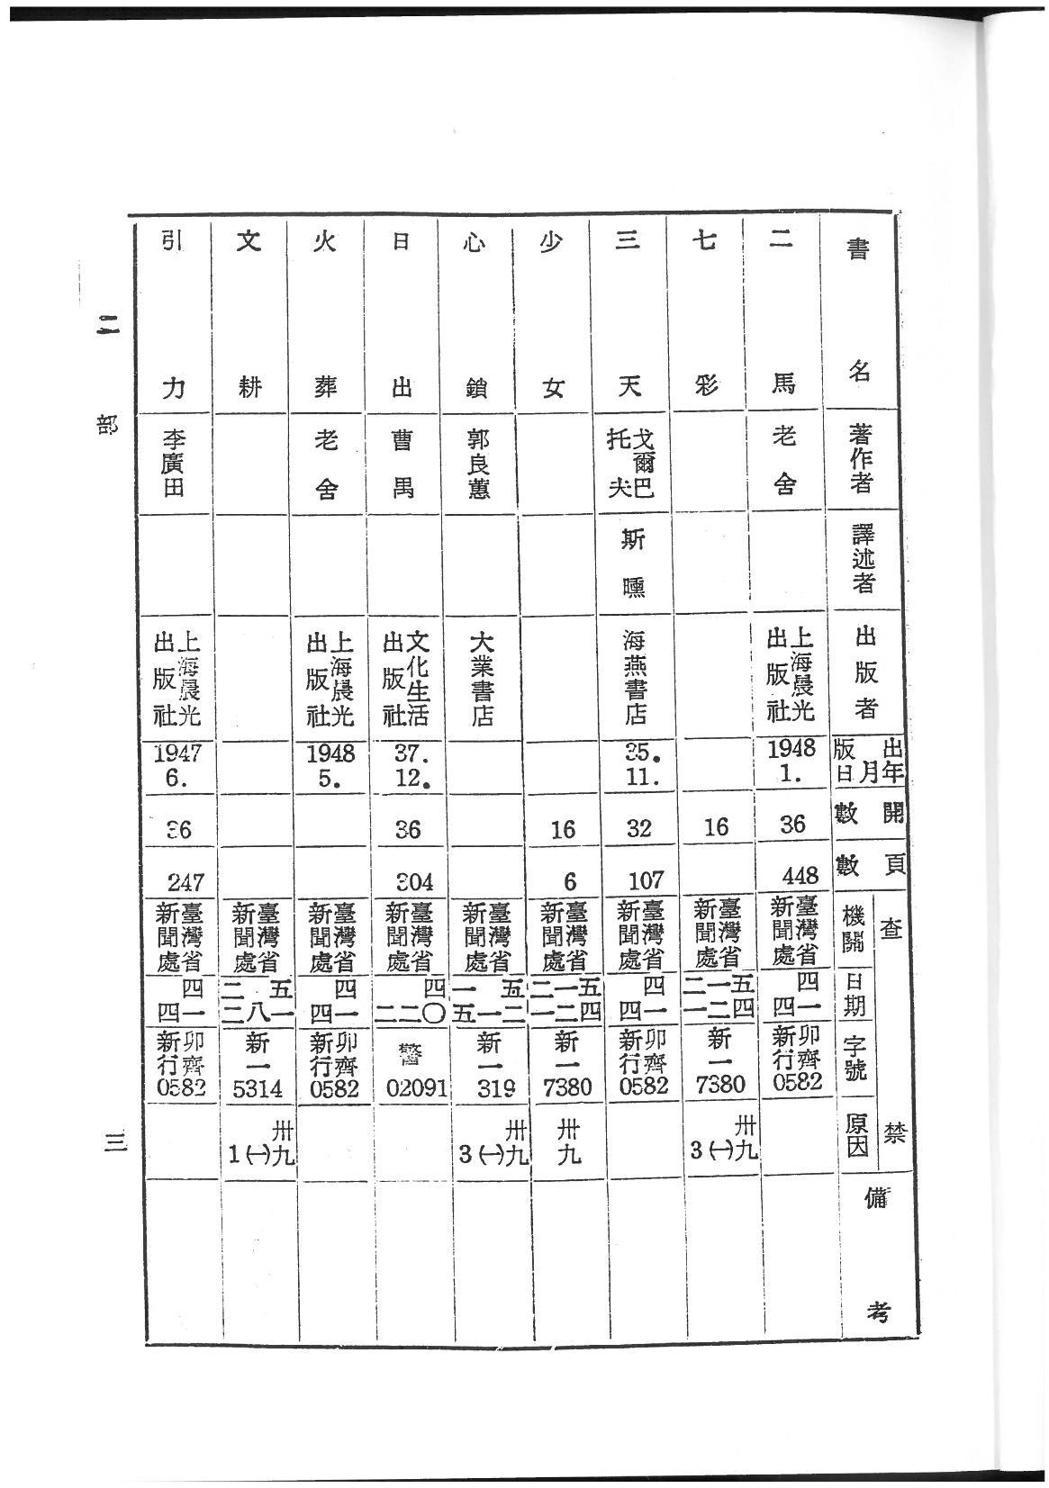 《查禁圖書目錄》以書名字數排列,相關資訊非常清楚。在此頁裡,郭良蕙的《心鎖》與曹...